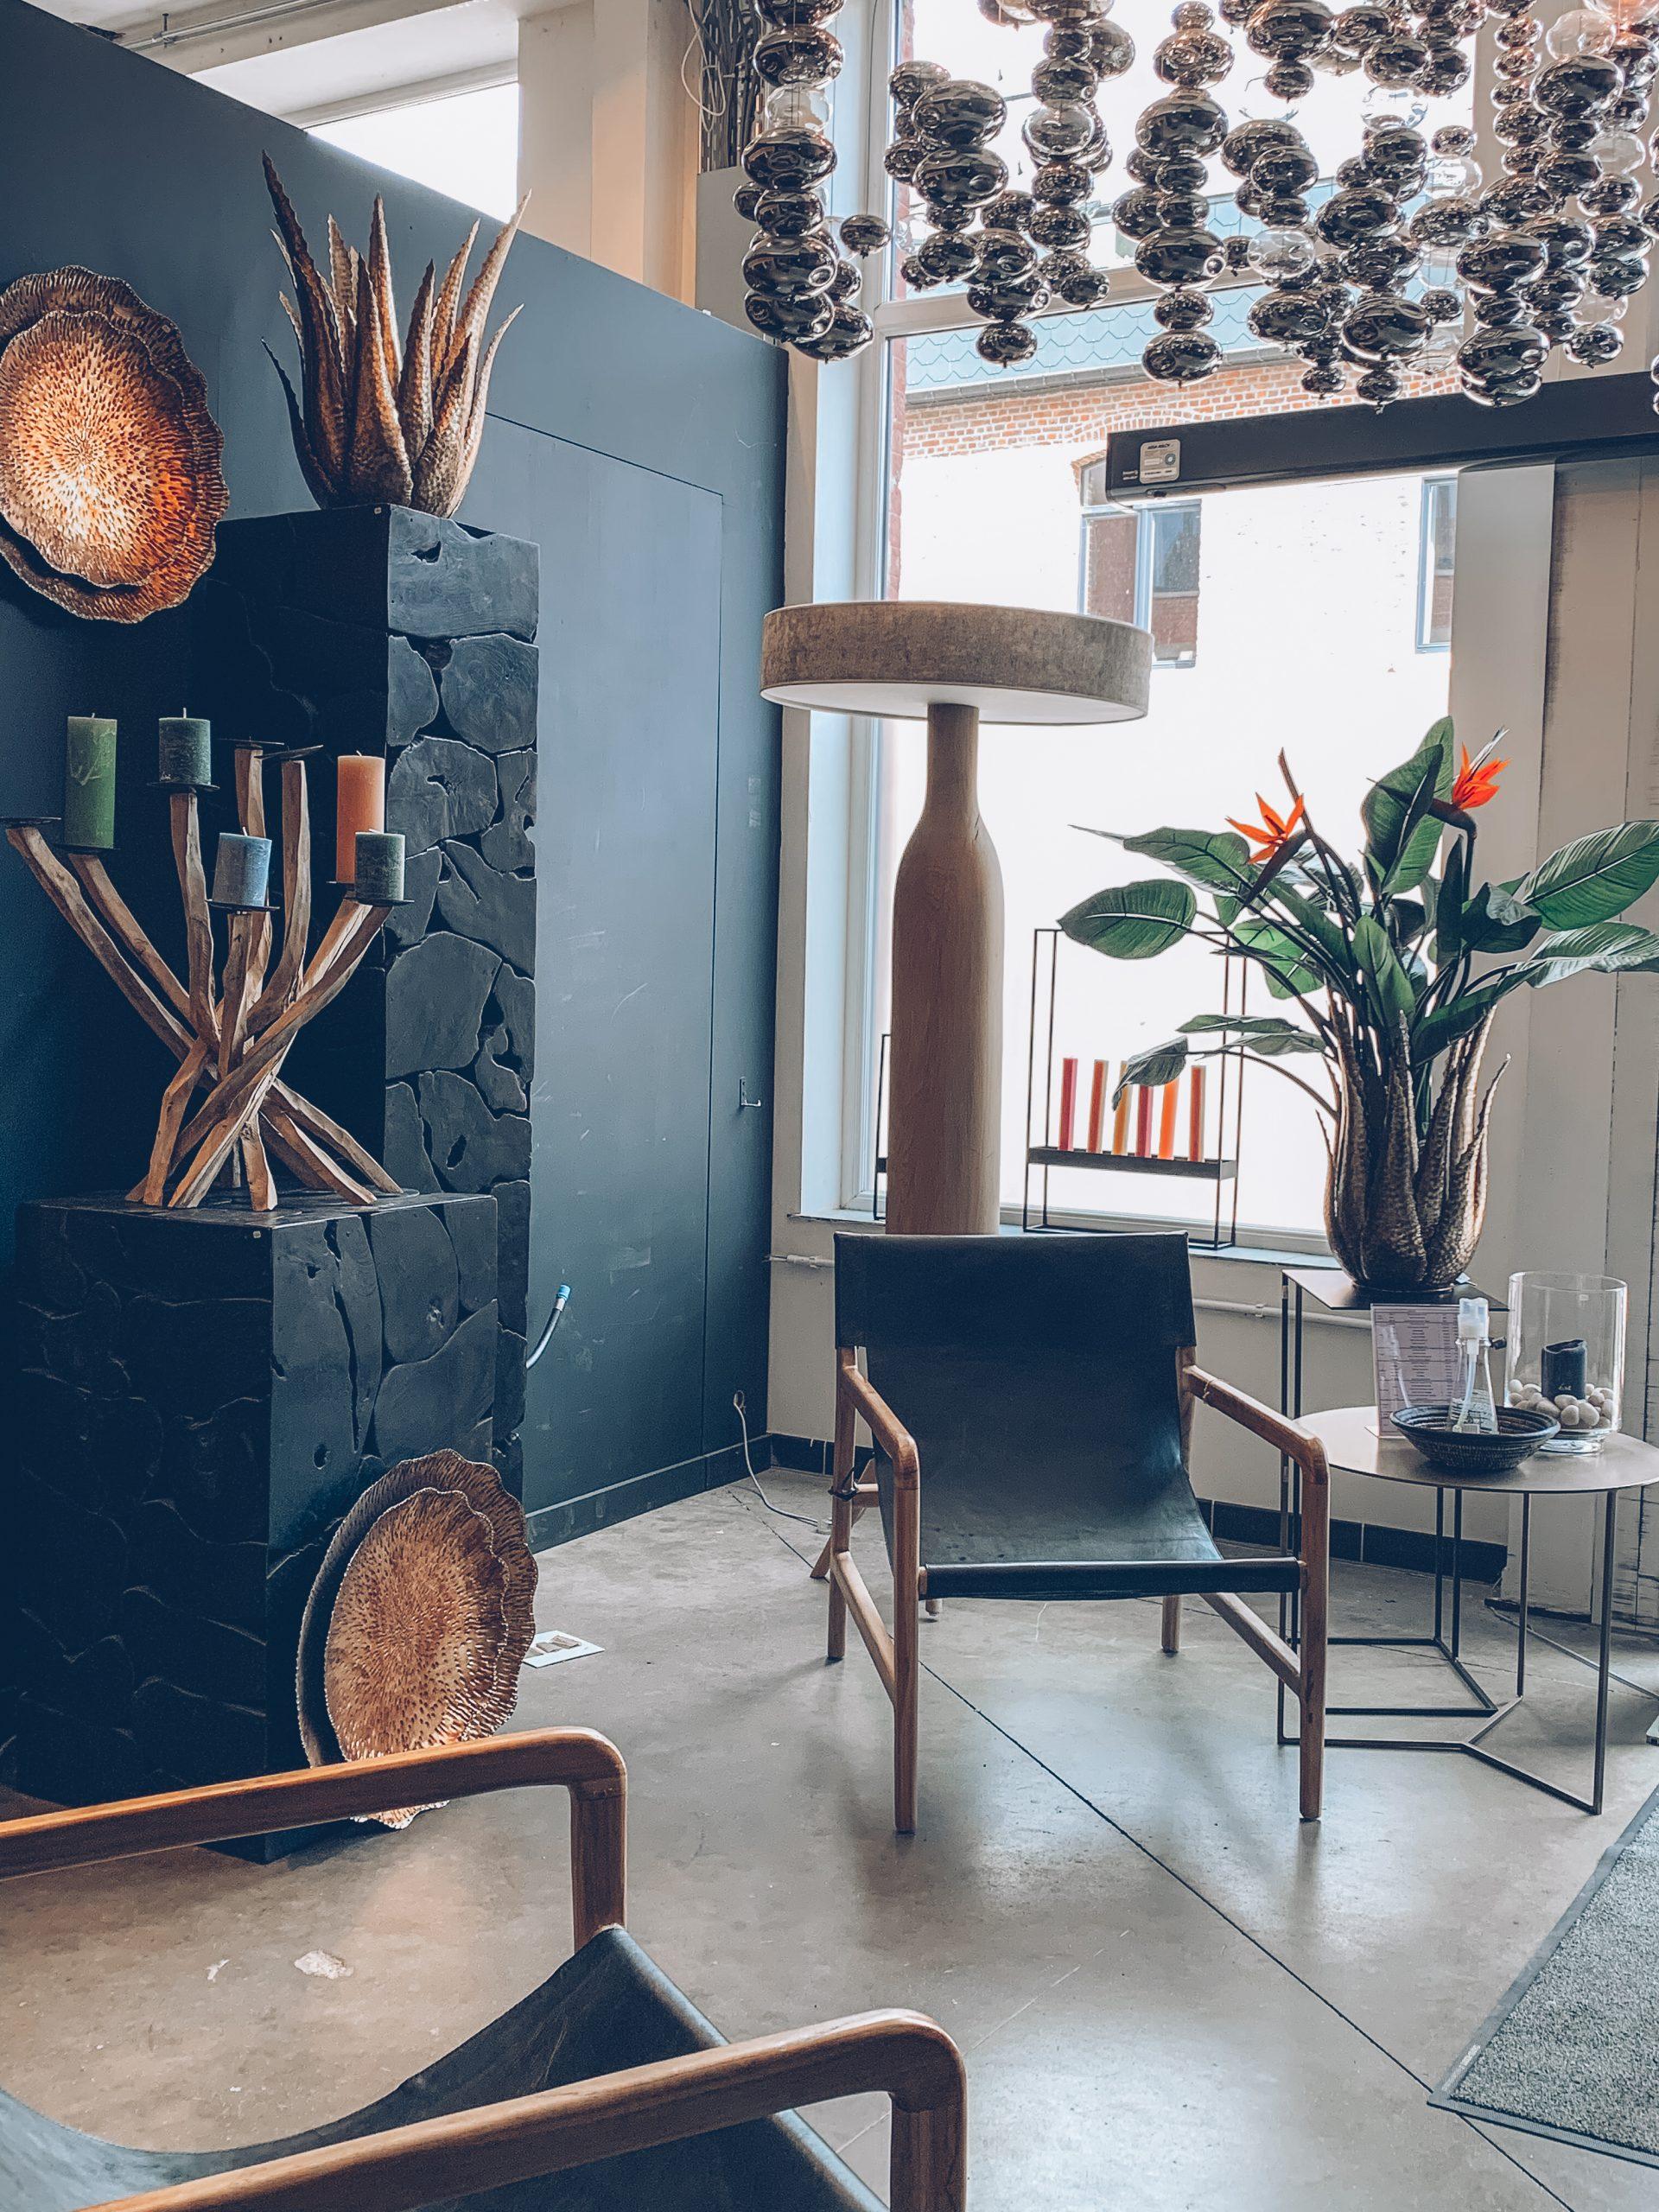 décoration noire, décoration tendance, plantes, lampes luxueuses, objets en bois, luminosité, designers belges, magasin de déco belgique, jn interiors, jour et nuit liège verviers